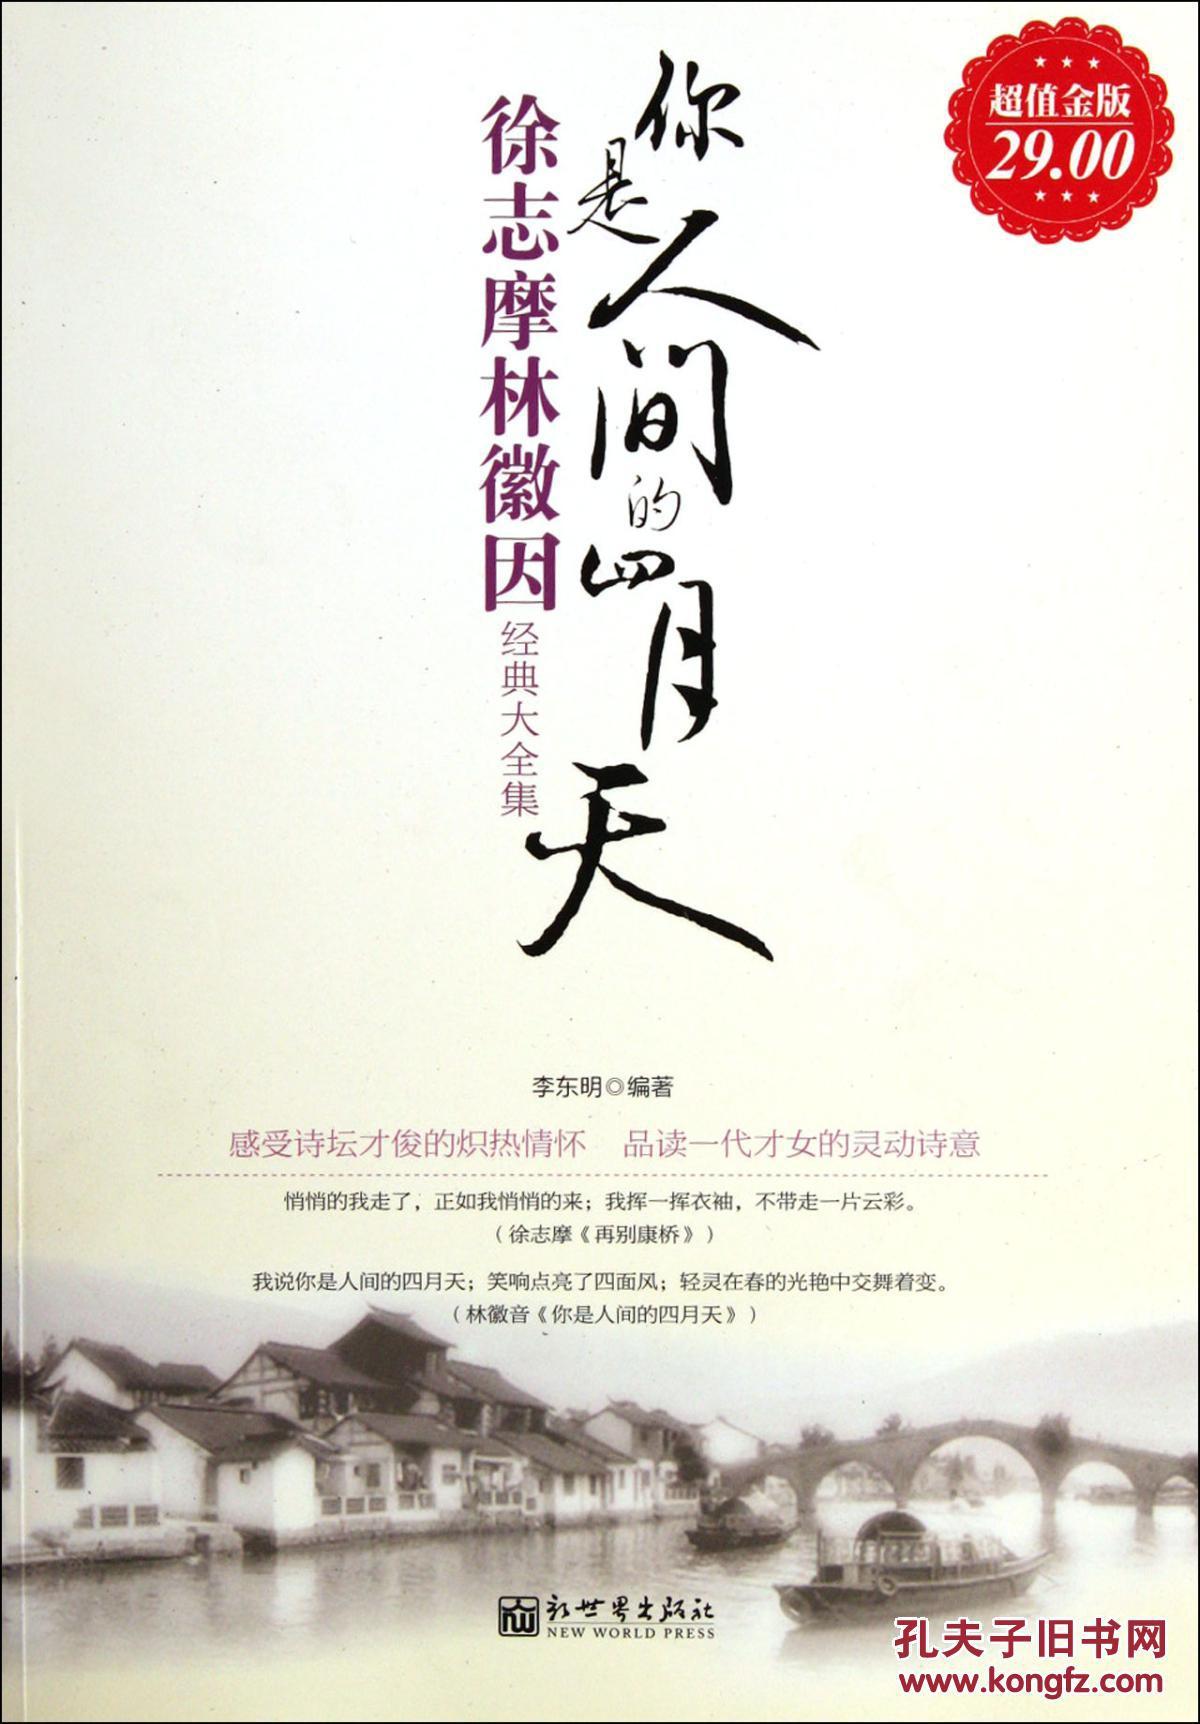 林徽因是徐志摩终生热恋着的女人,也正是她的爱造就了作为诗人的图片